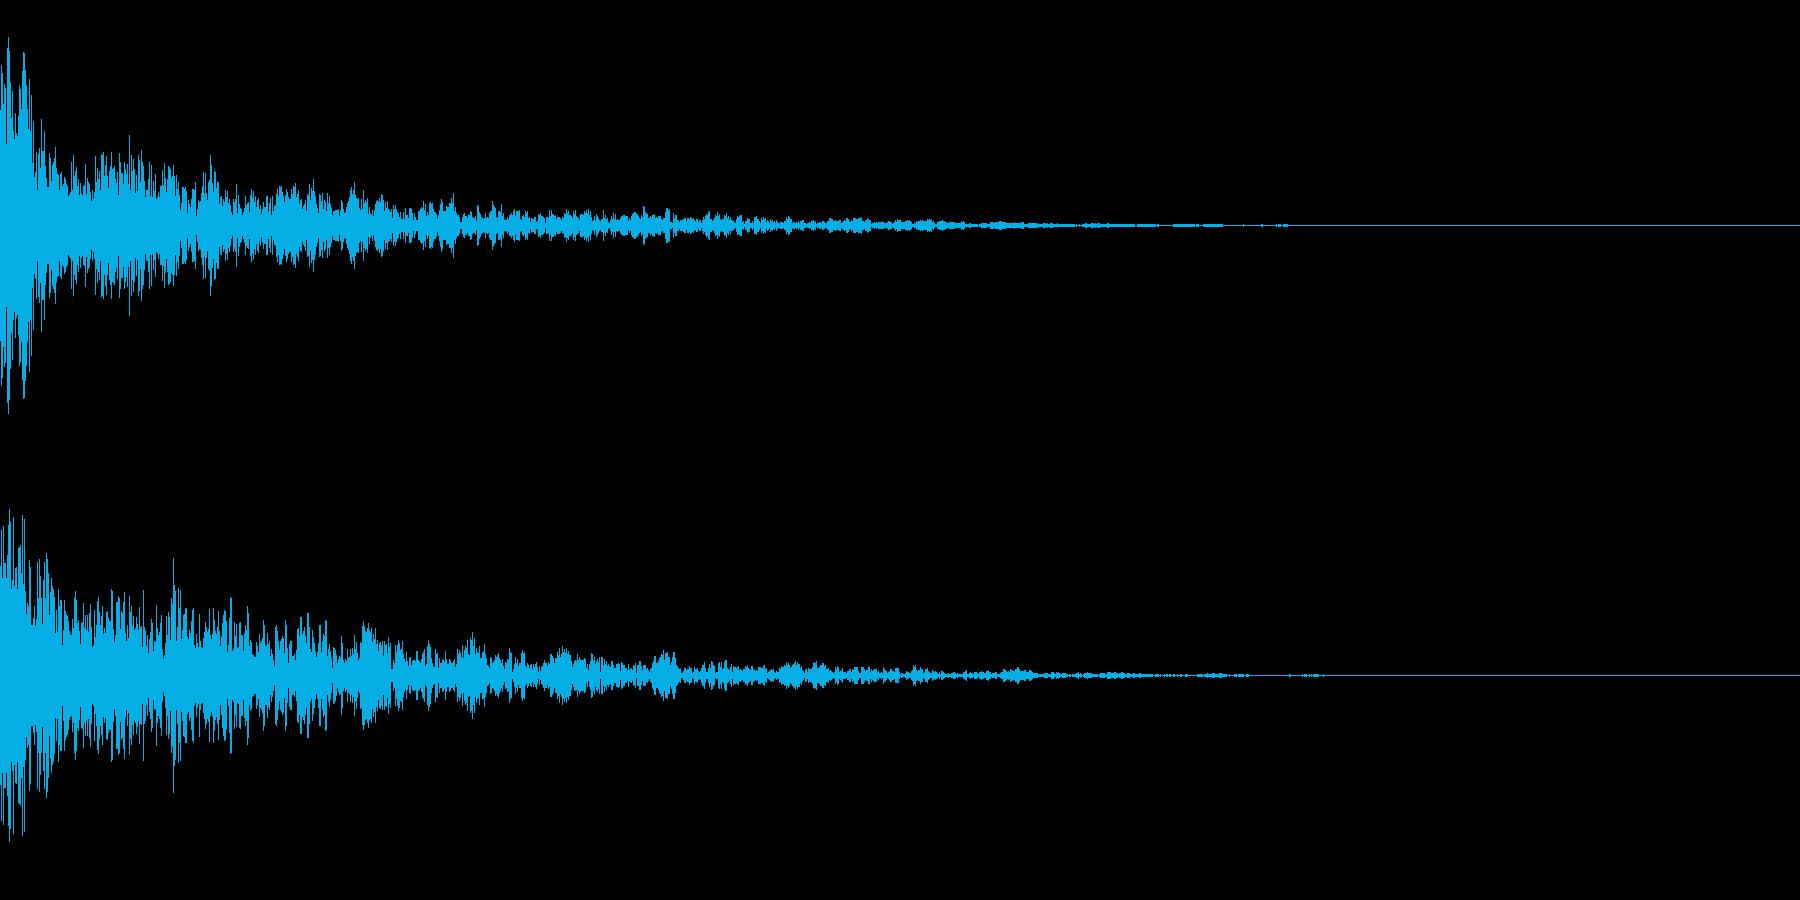 ドーン-33-2(インパクト音)の再生済みの波形